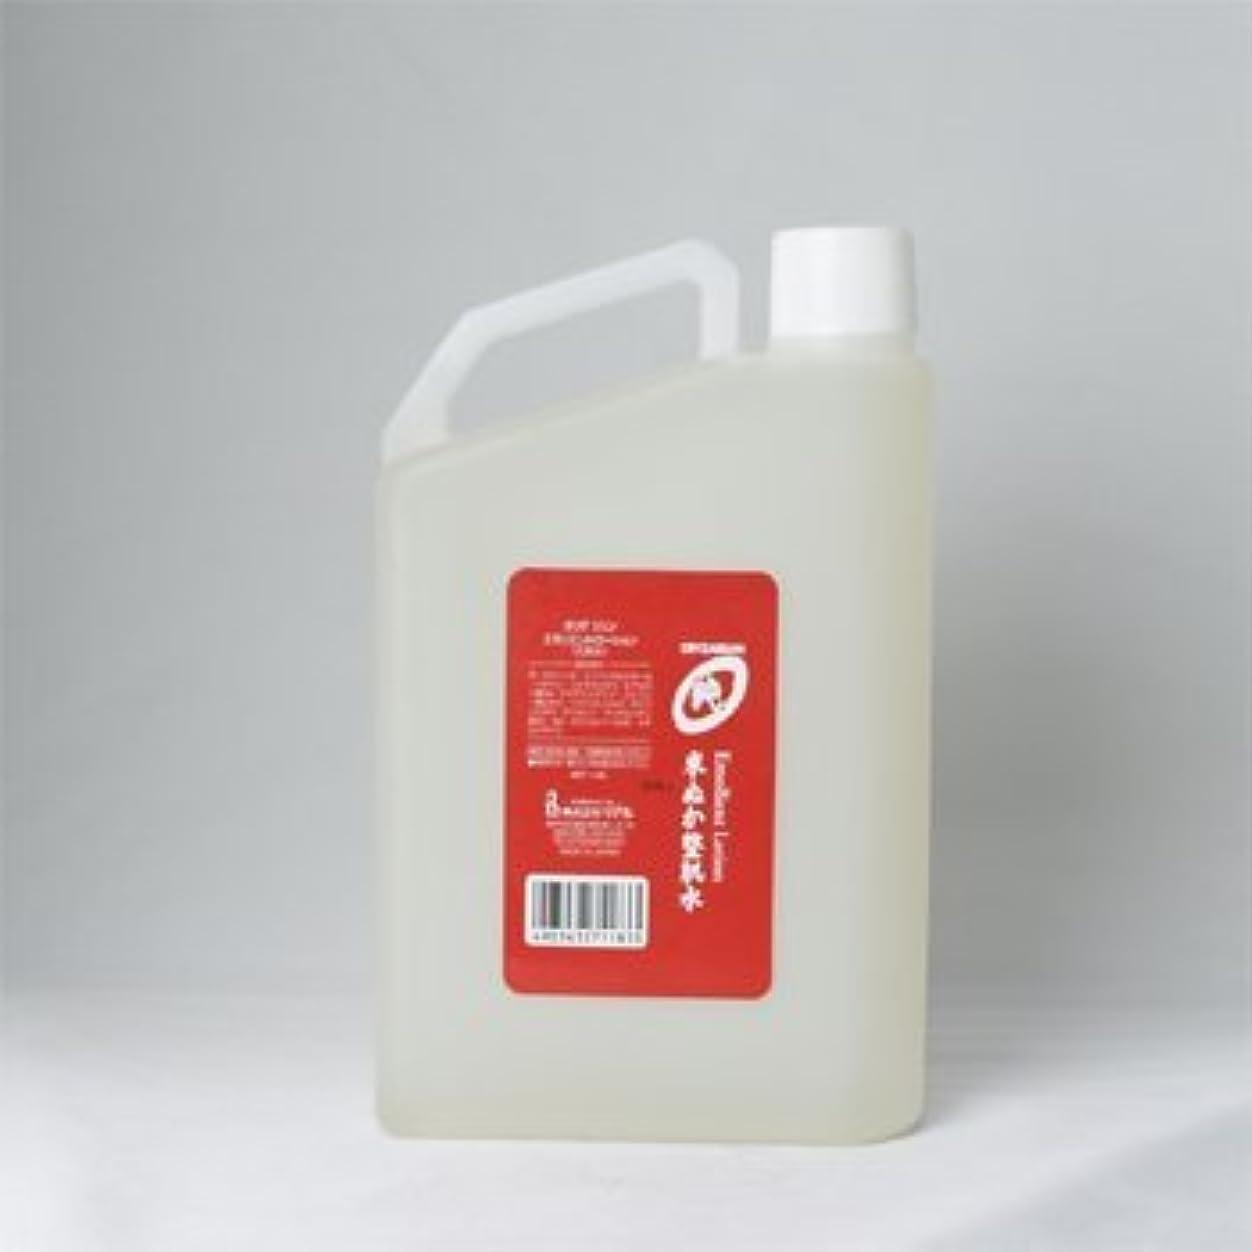 強打味わう改修オリザジュンエモリエントローション 米ぬか整肌水 1000ml(1L)詰め替え